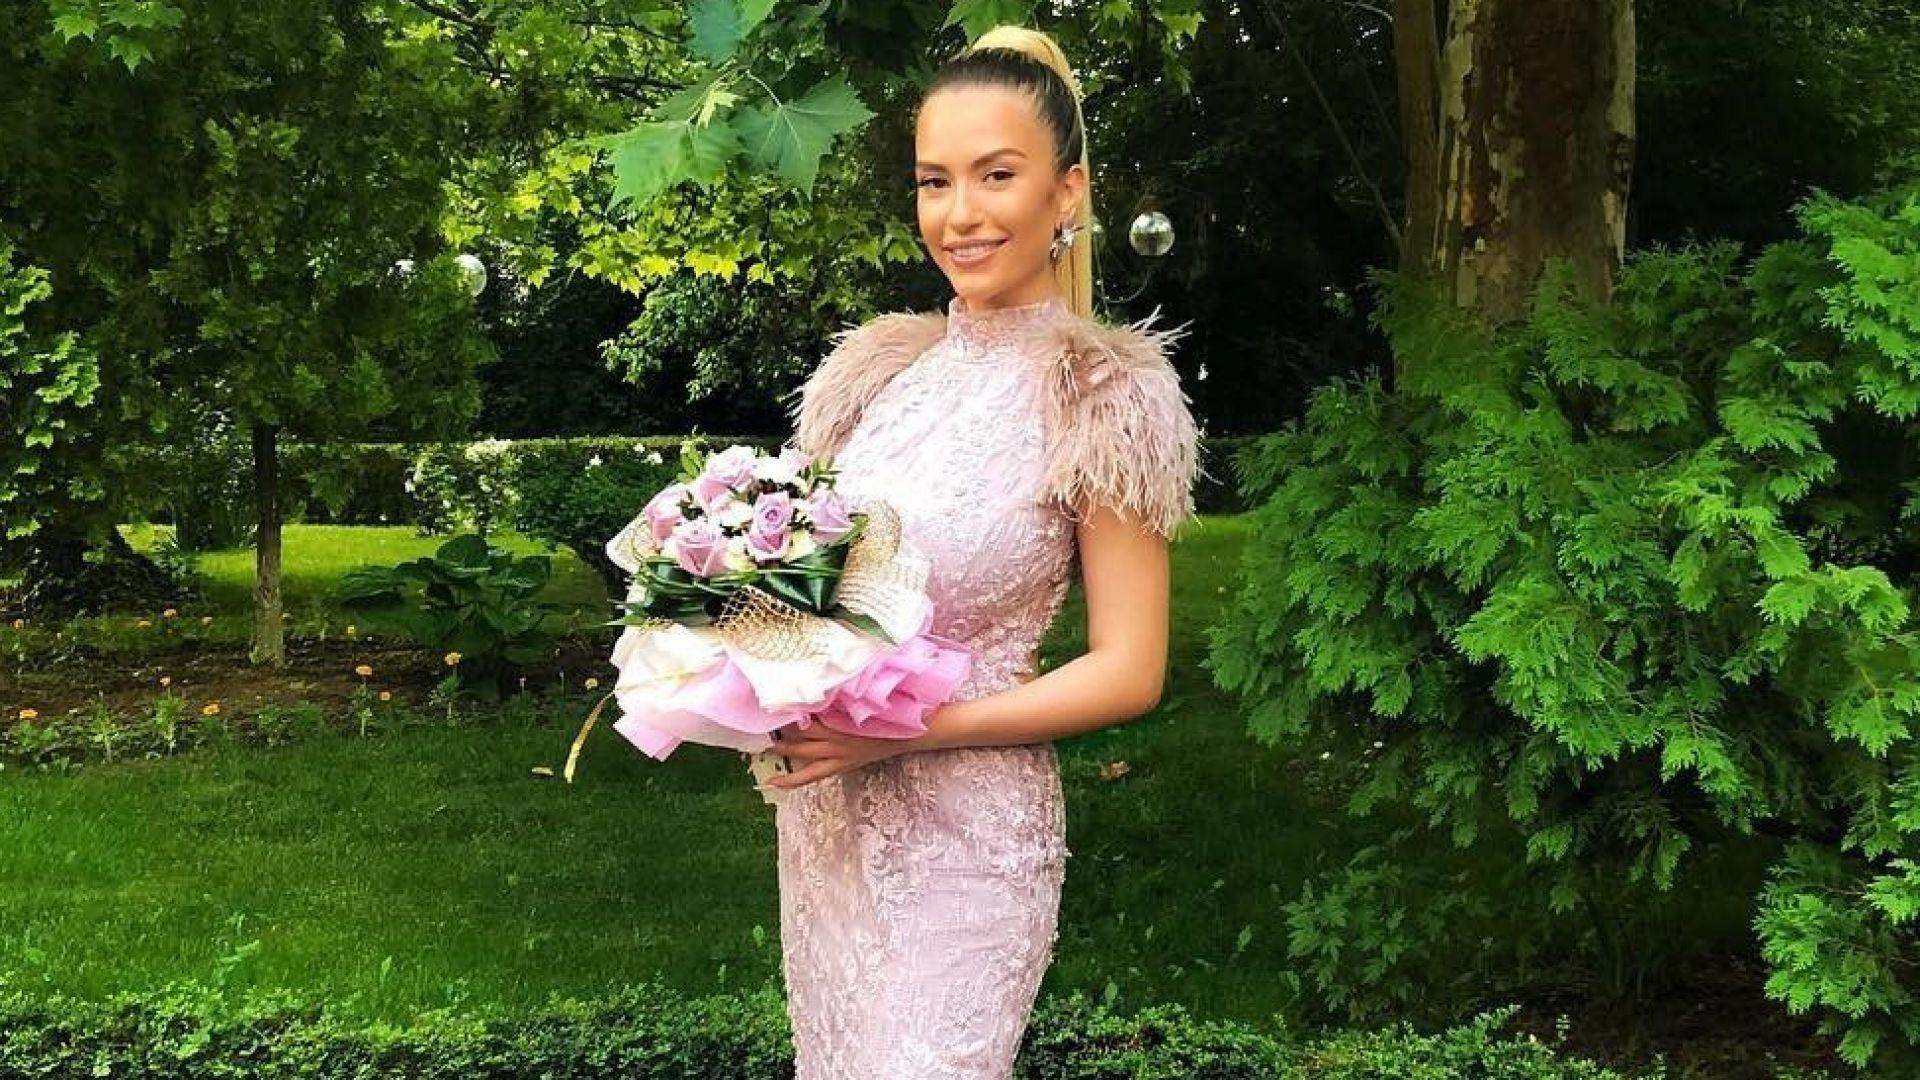 Тита със стилна рокля в пепел от рози на бала (снимки)